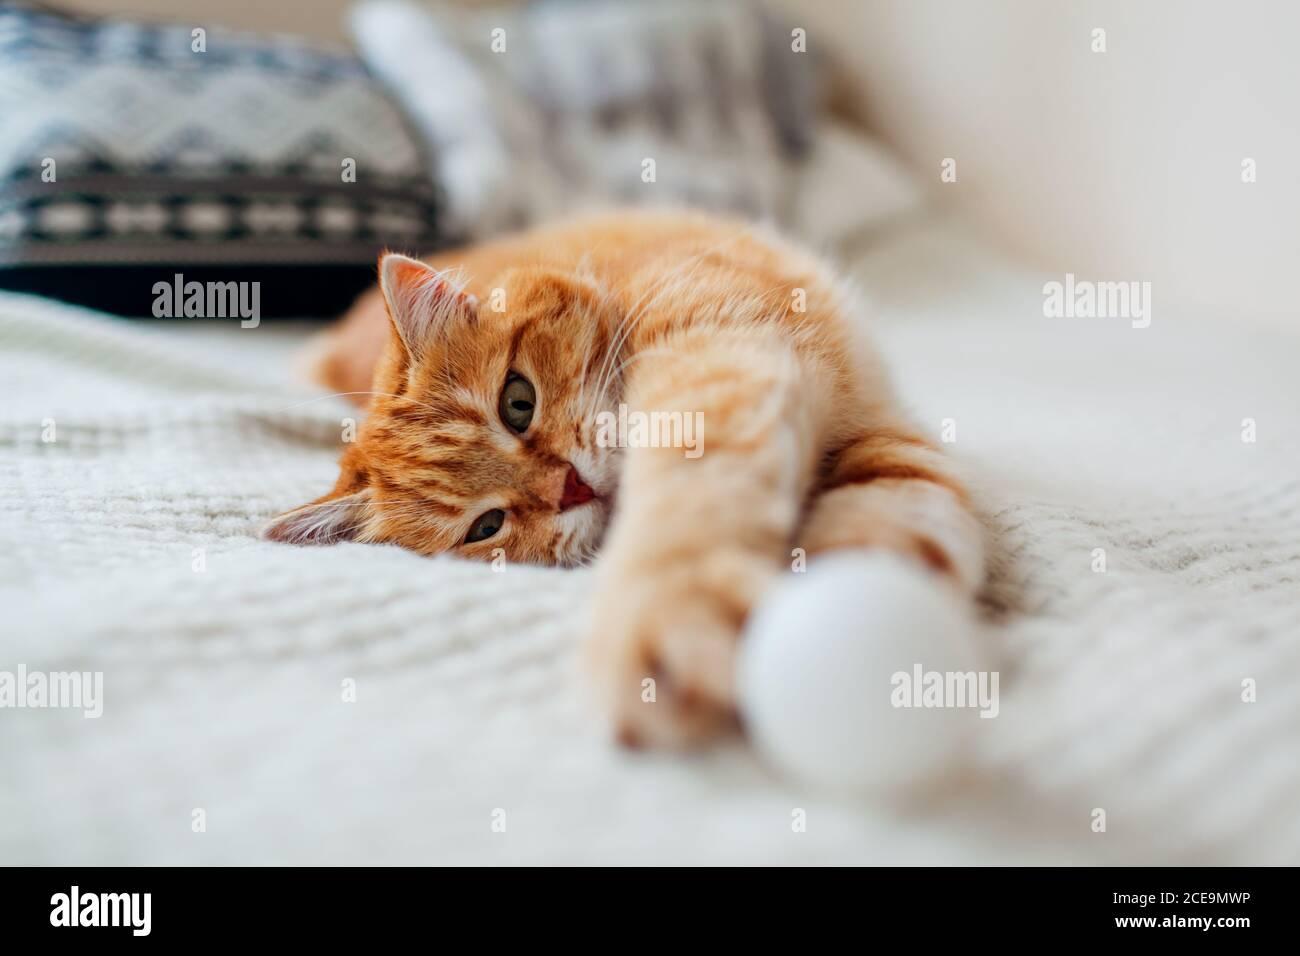 Ginger Katze spielt mit Ball auf der Couch im Wohnzimmer zu Hause. Haustier mit Spaß auf Decke Stockfoto